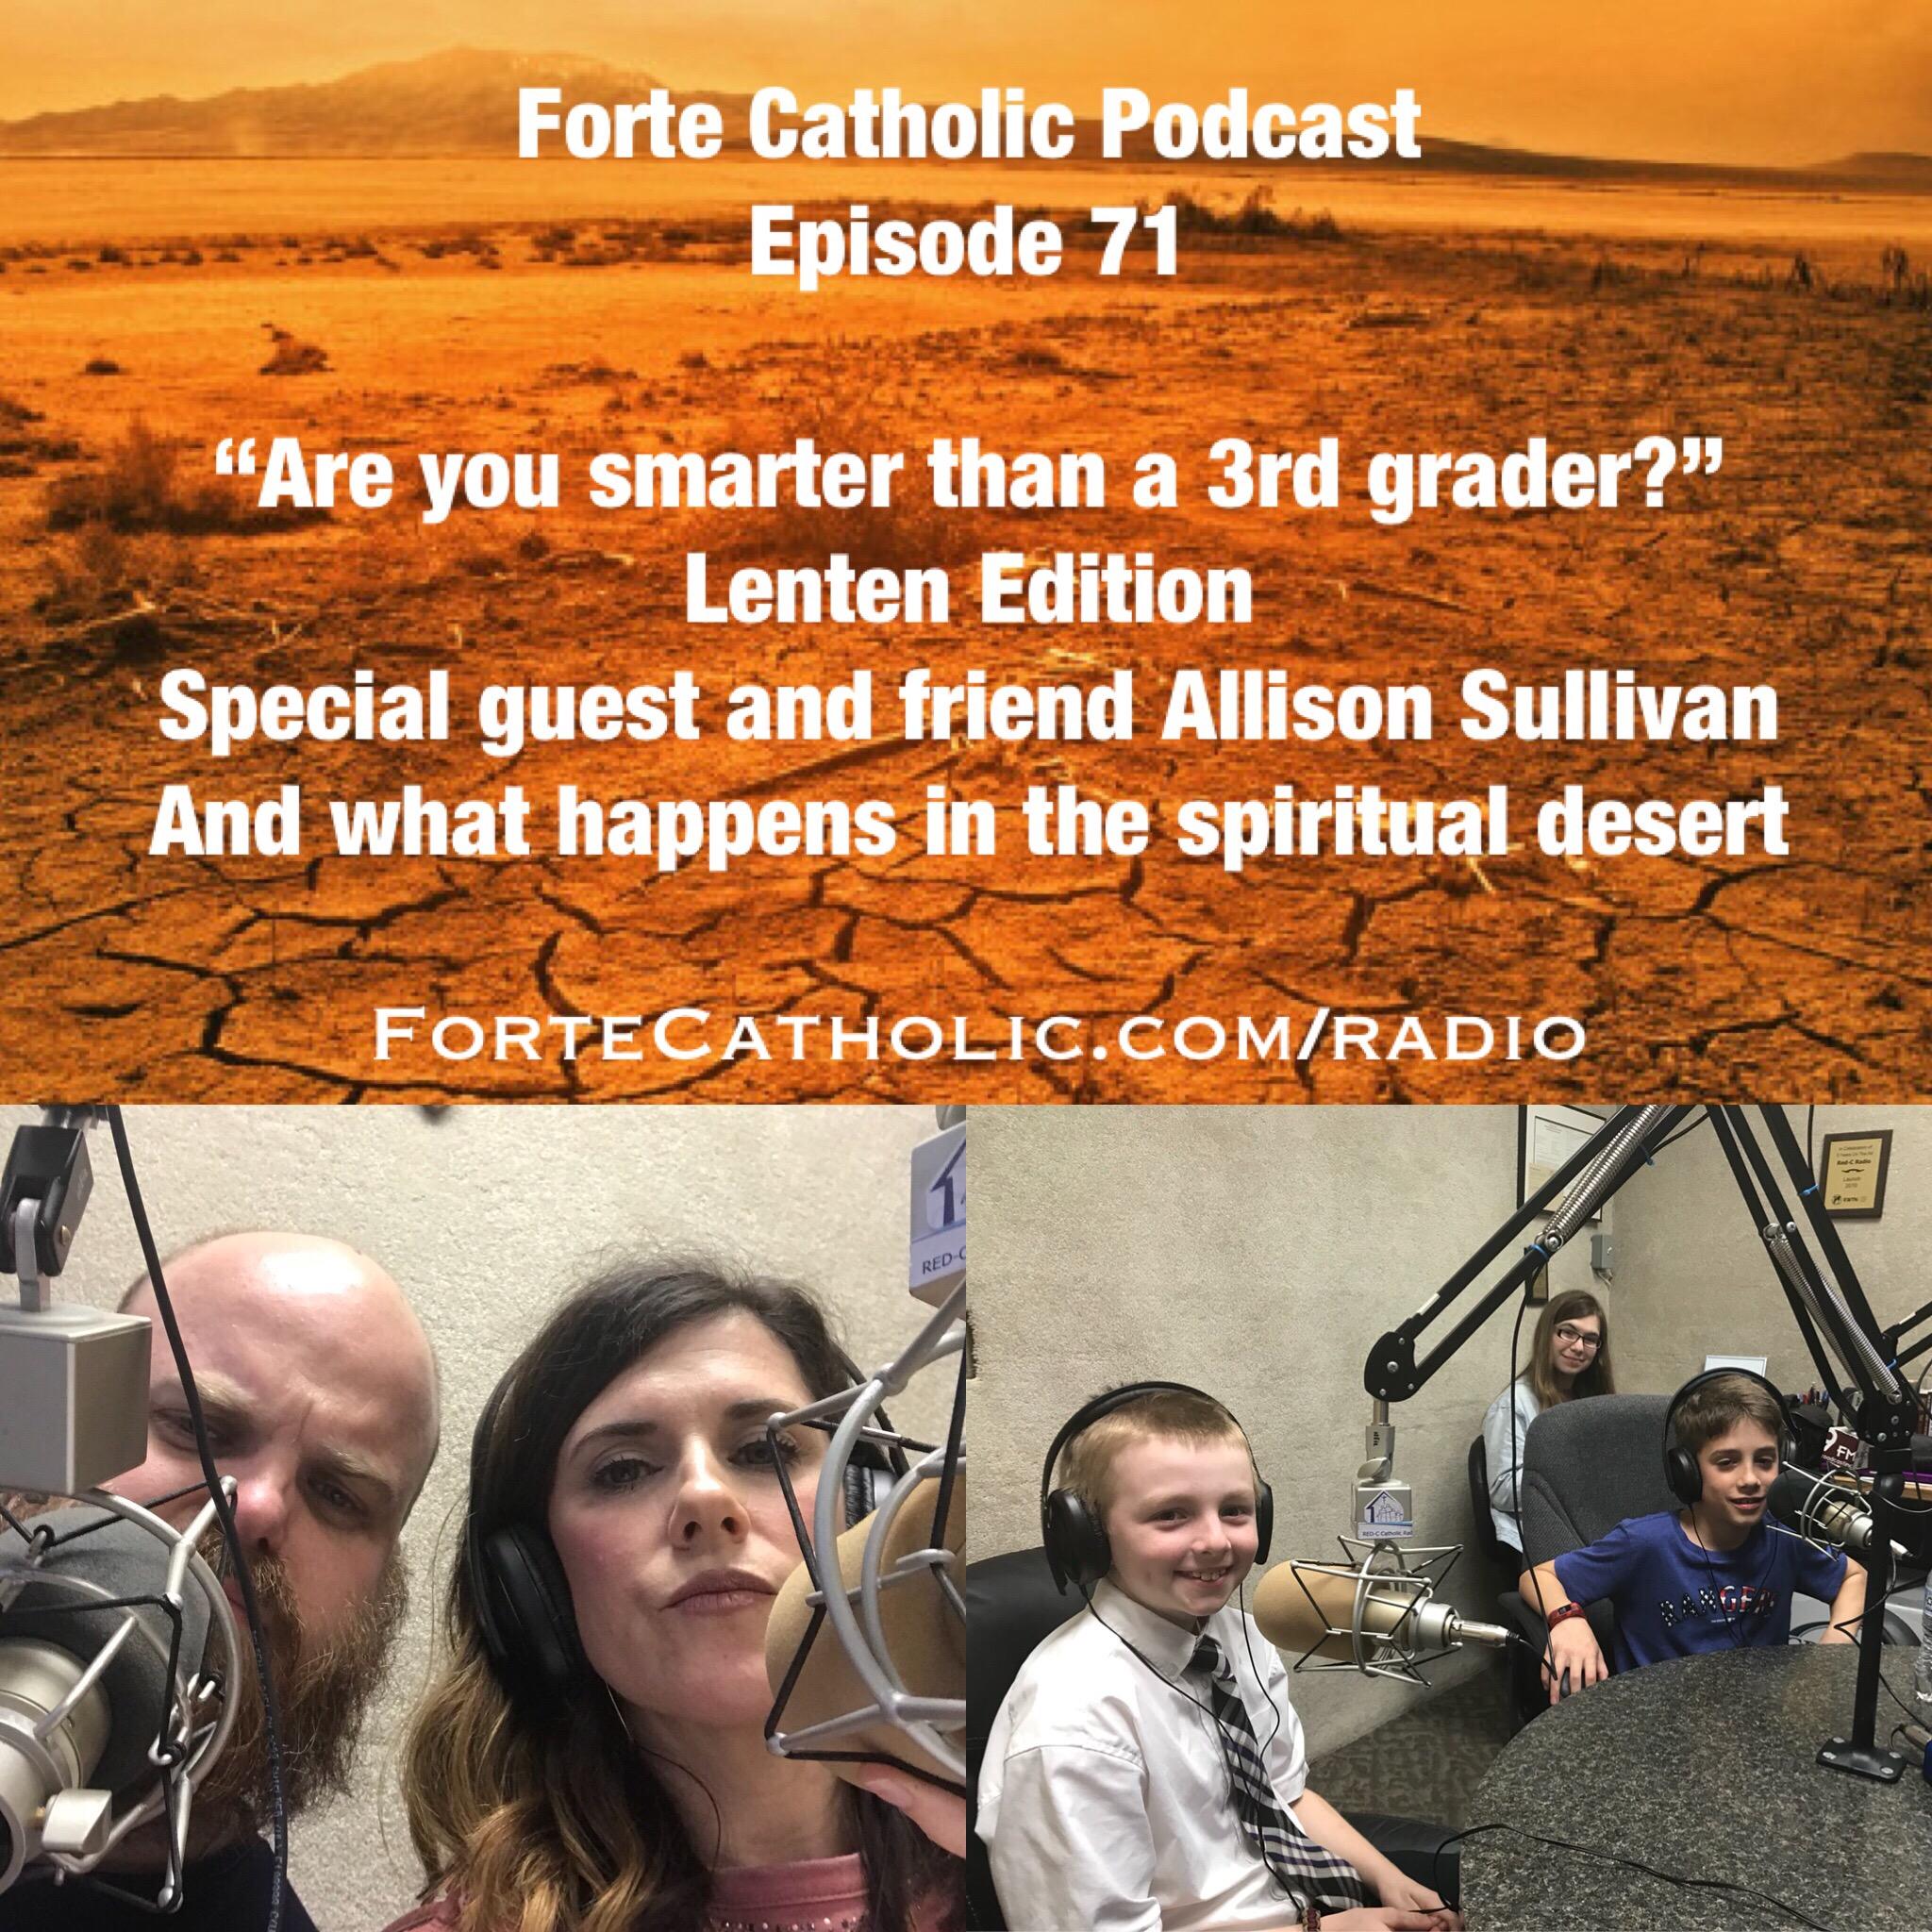 Forte Catholic Podcast Episode 71